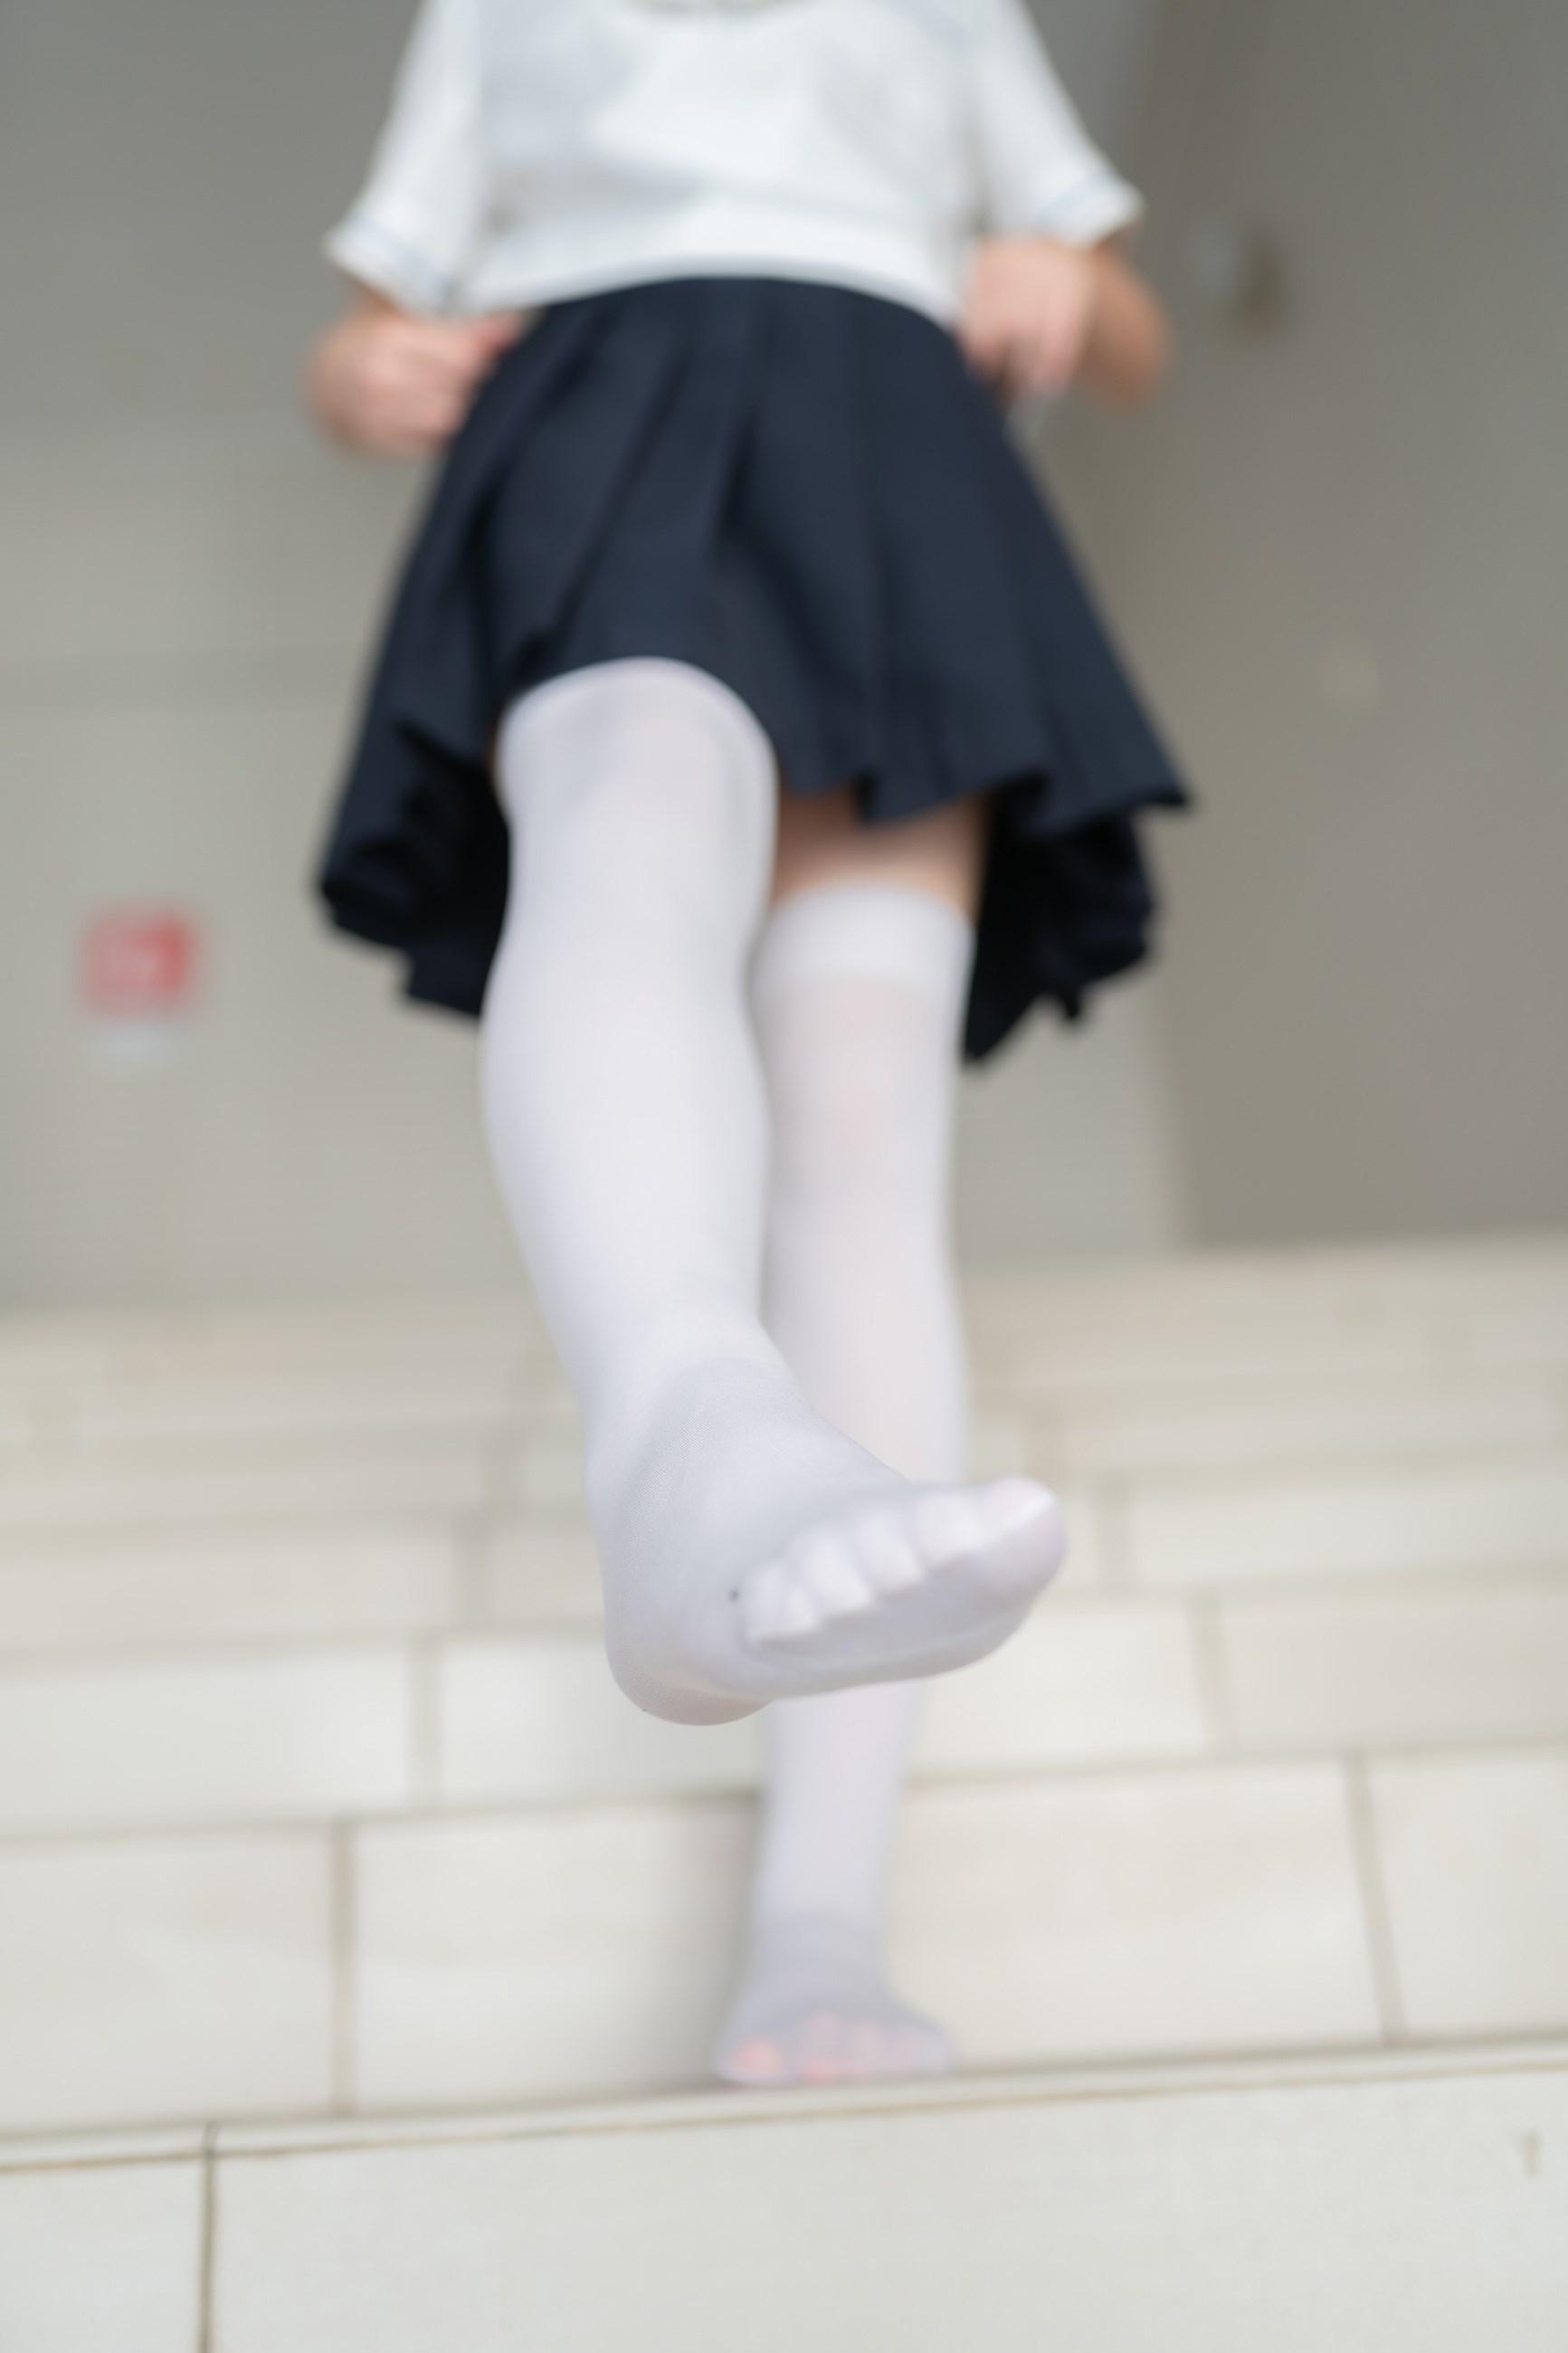 【兔玩映画】楼梯上的白丝少女 兔玩映画 第30张